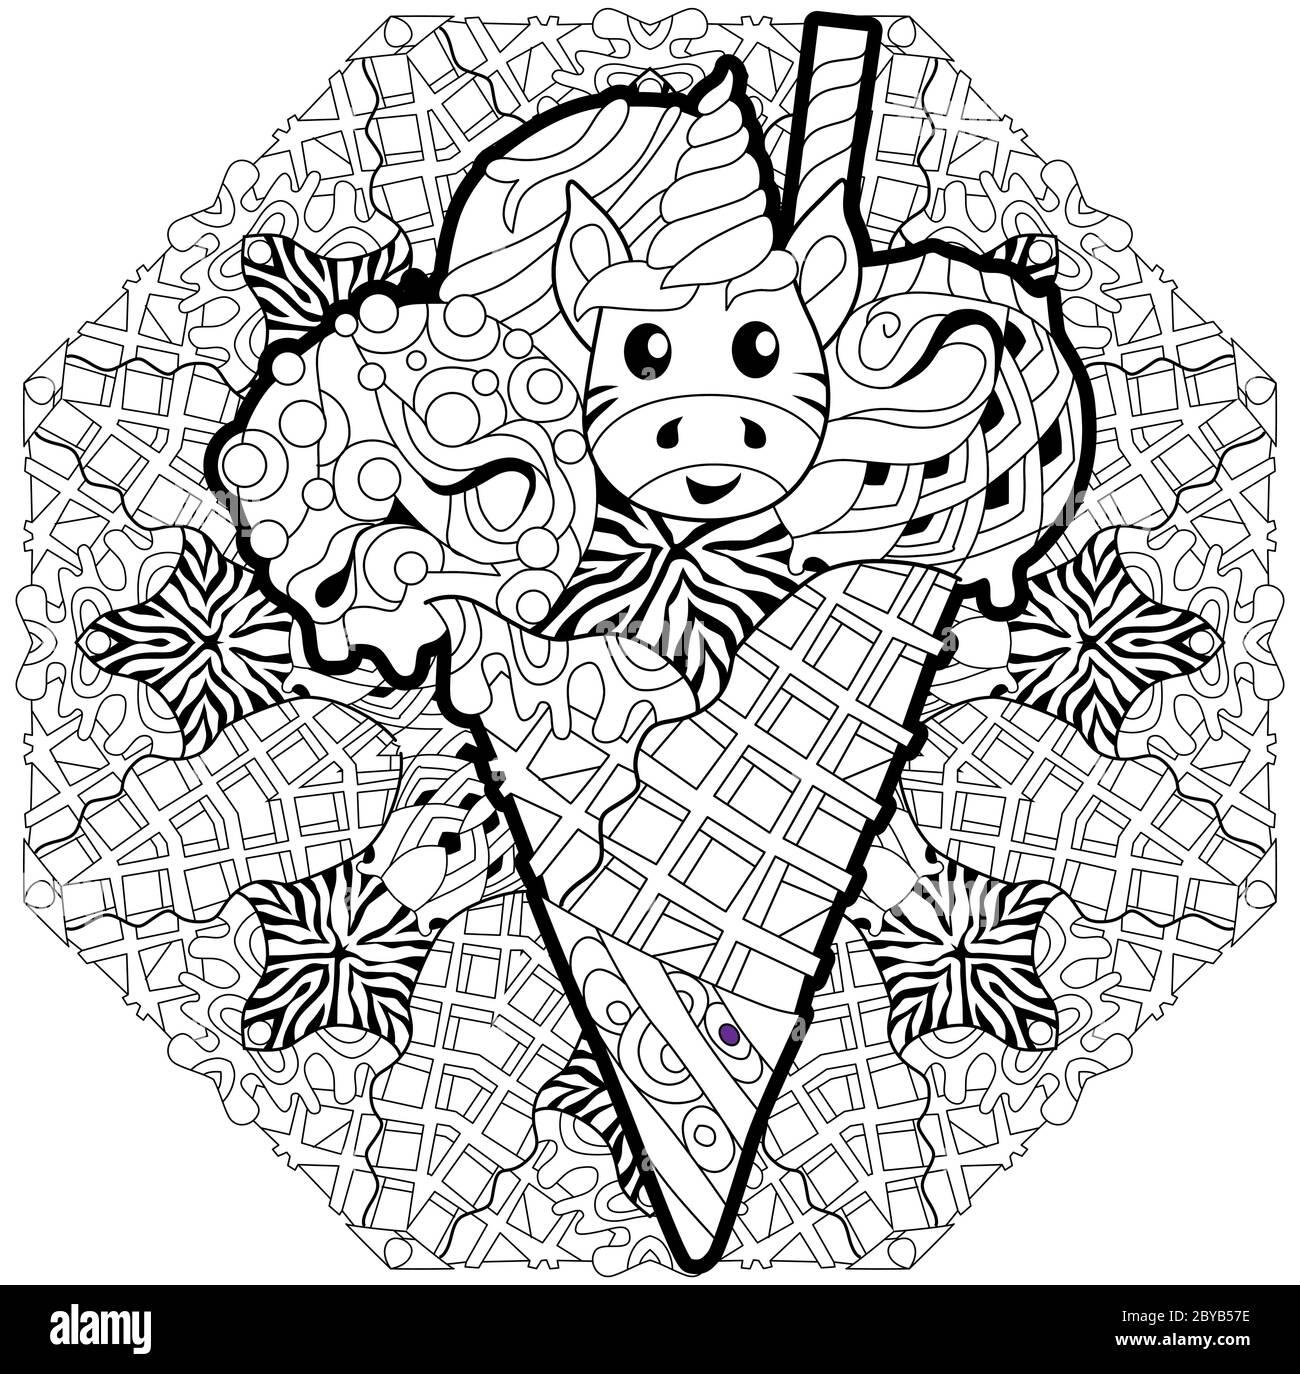 Eis mit Einhorn Kopf mit Mandala. In schwarz-weiß umrandet für